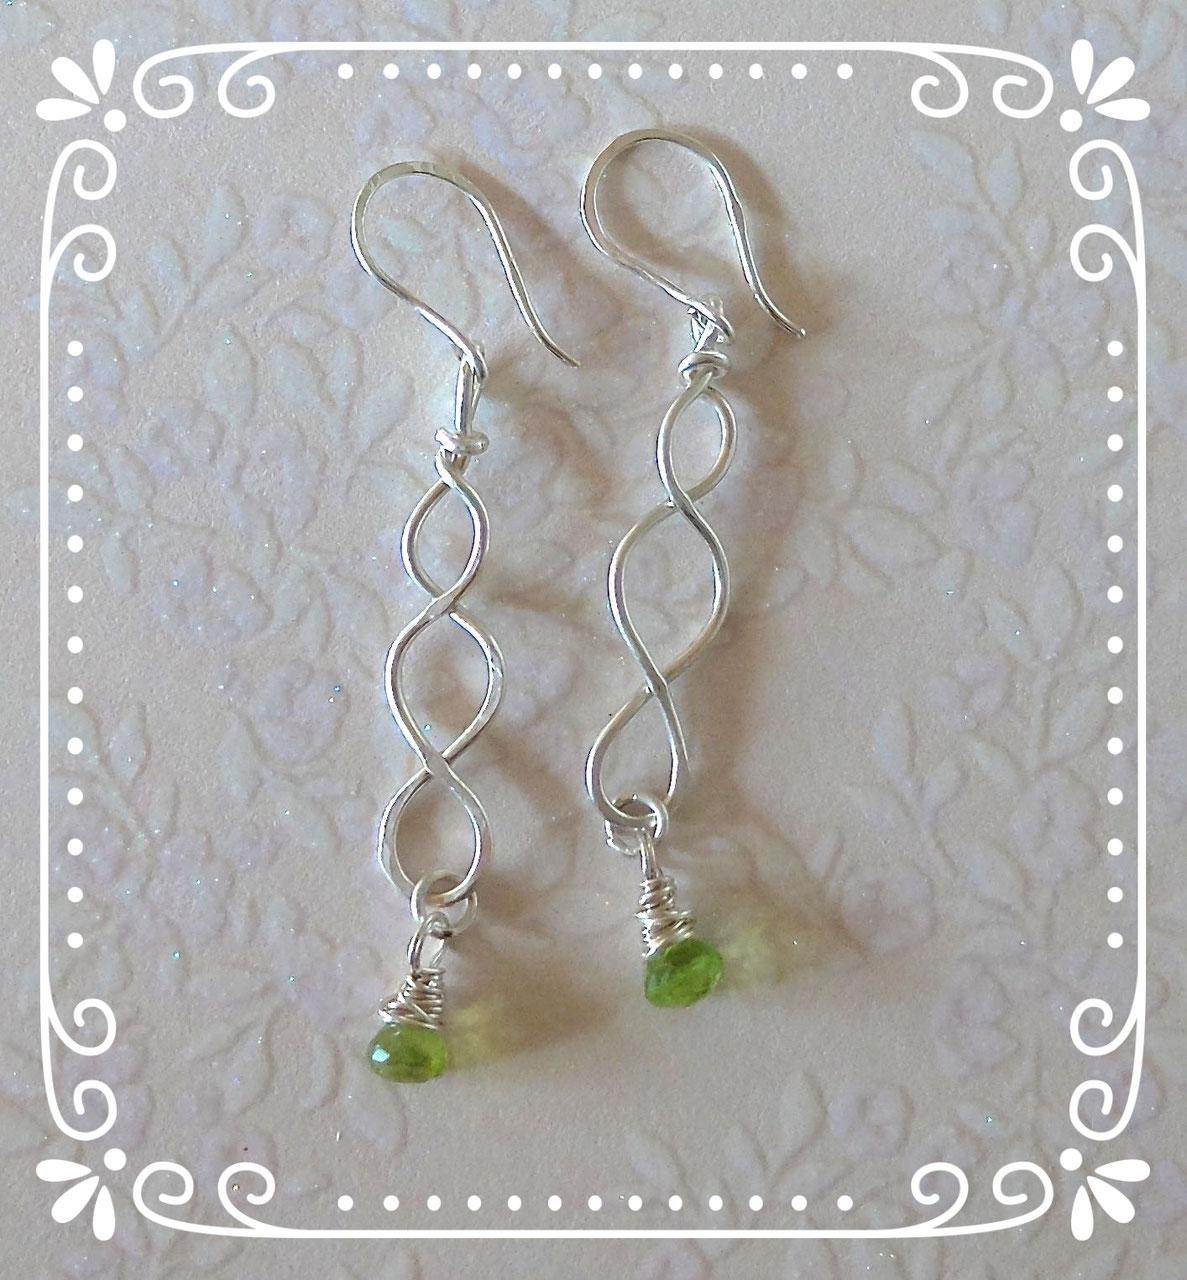 Silber-Ohrringe - freie Manufaktur